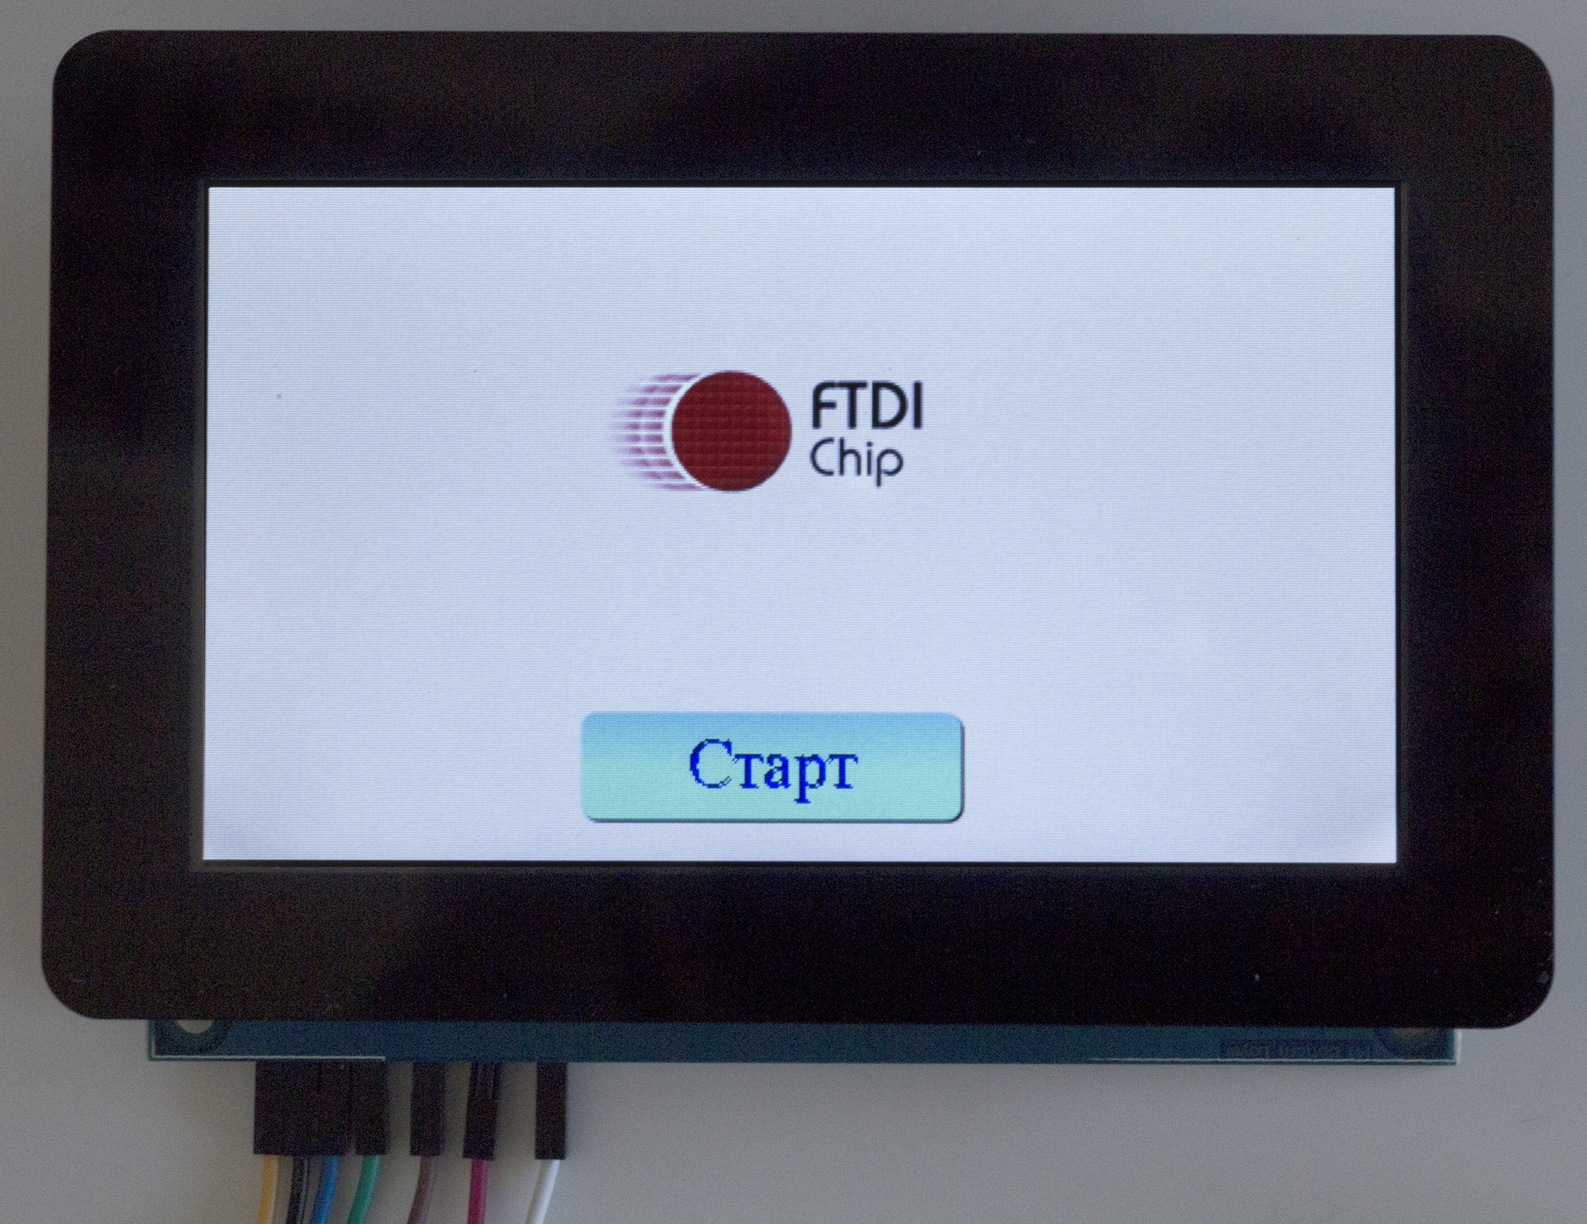 Изображение на экране дисплея  RVT43ULFNWC0x